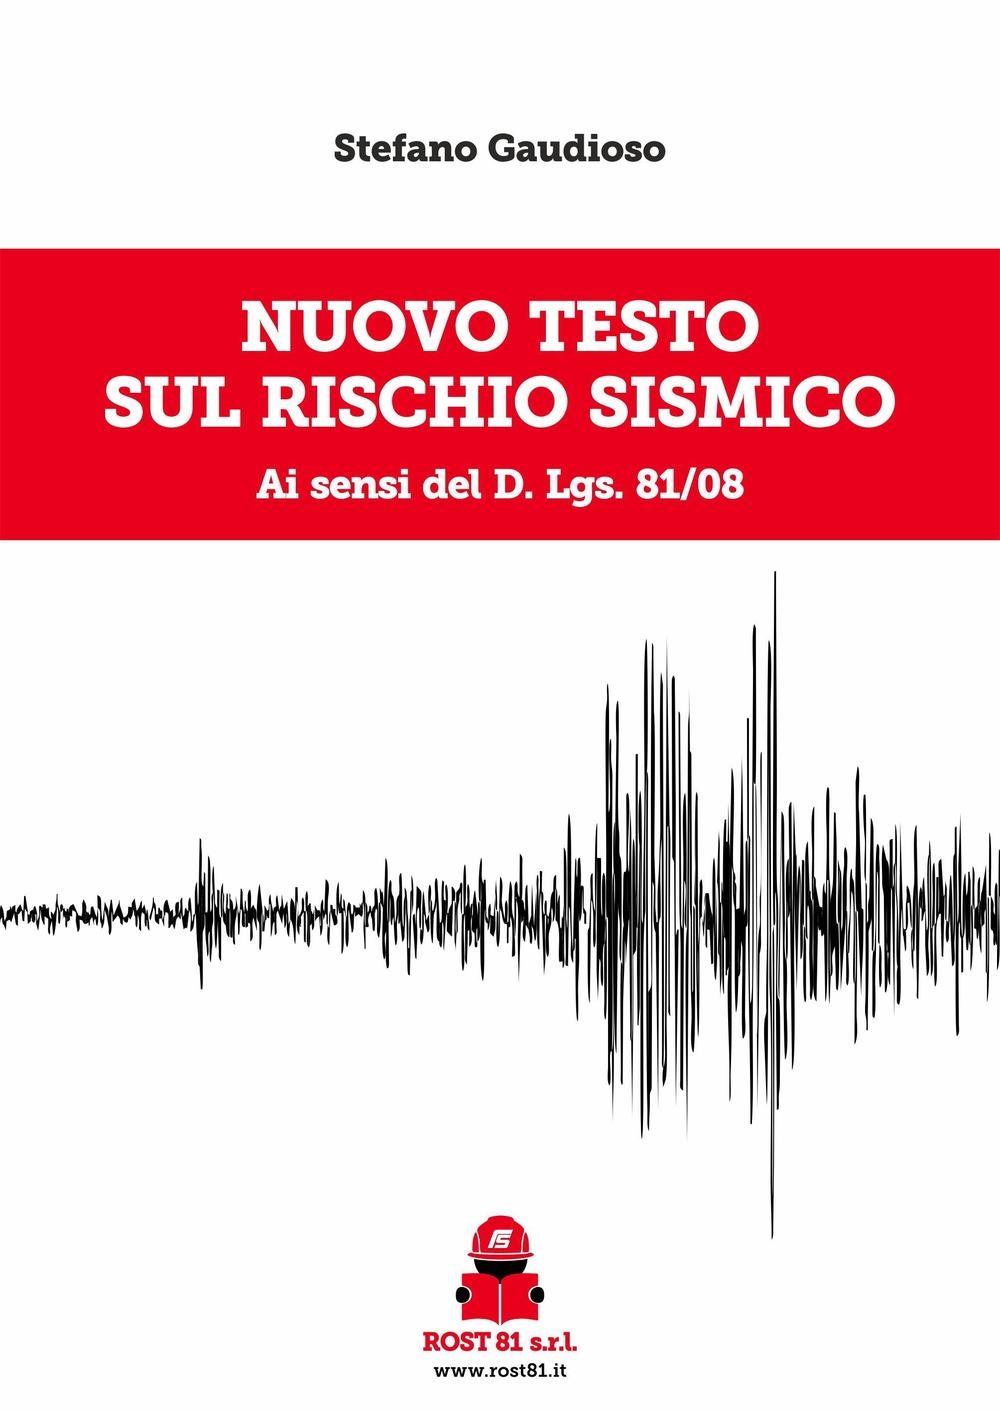 Nuovo testo sul rischio sismico ai sensi del d.lgs. 81/08